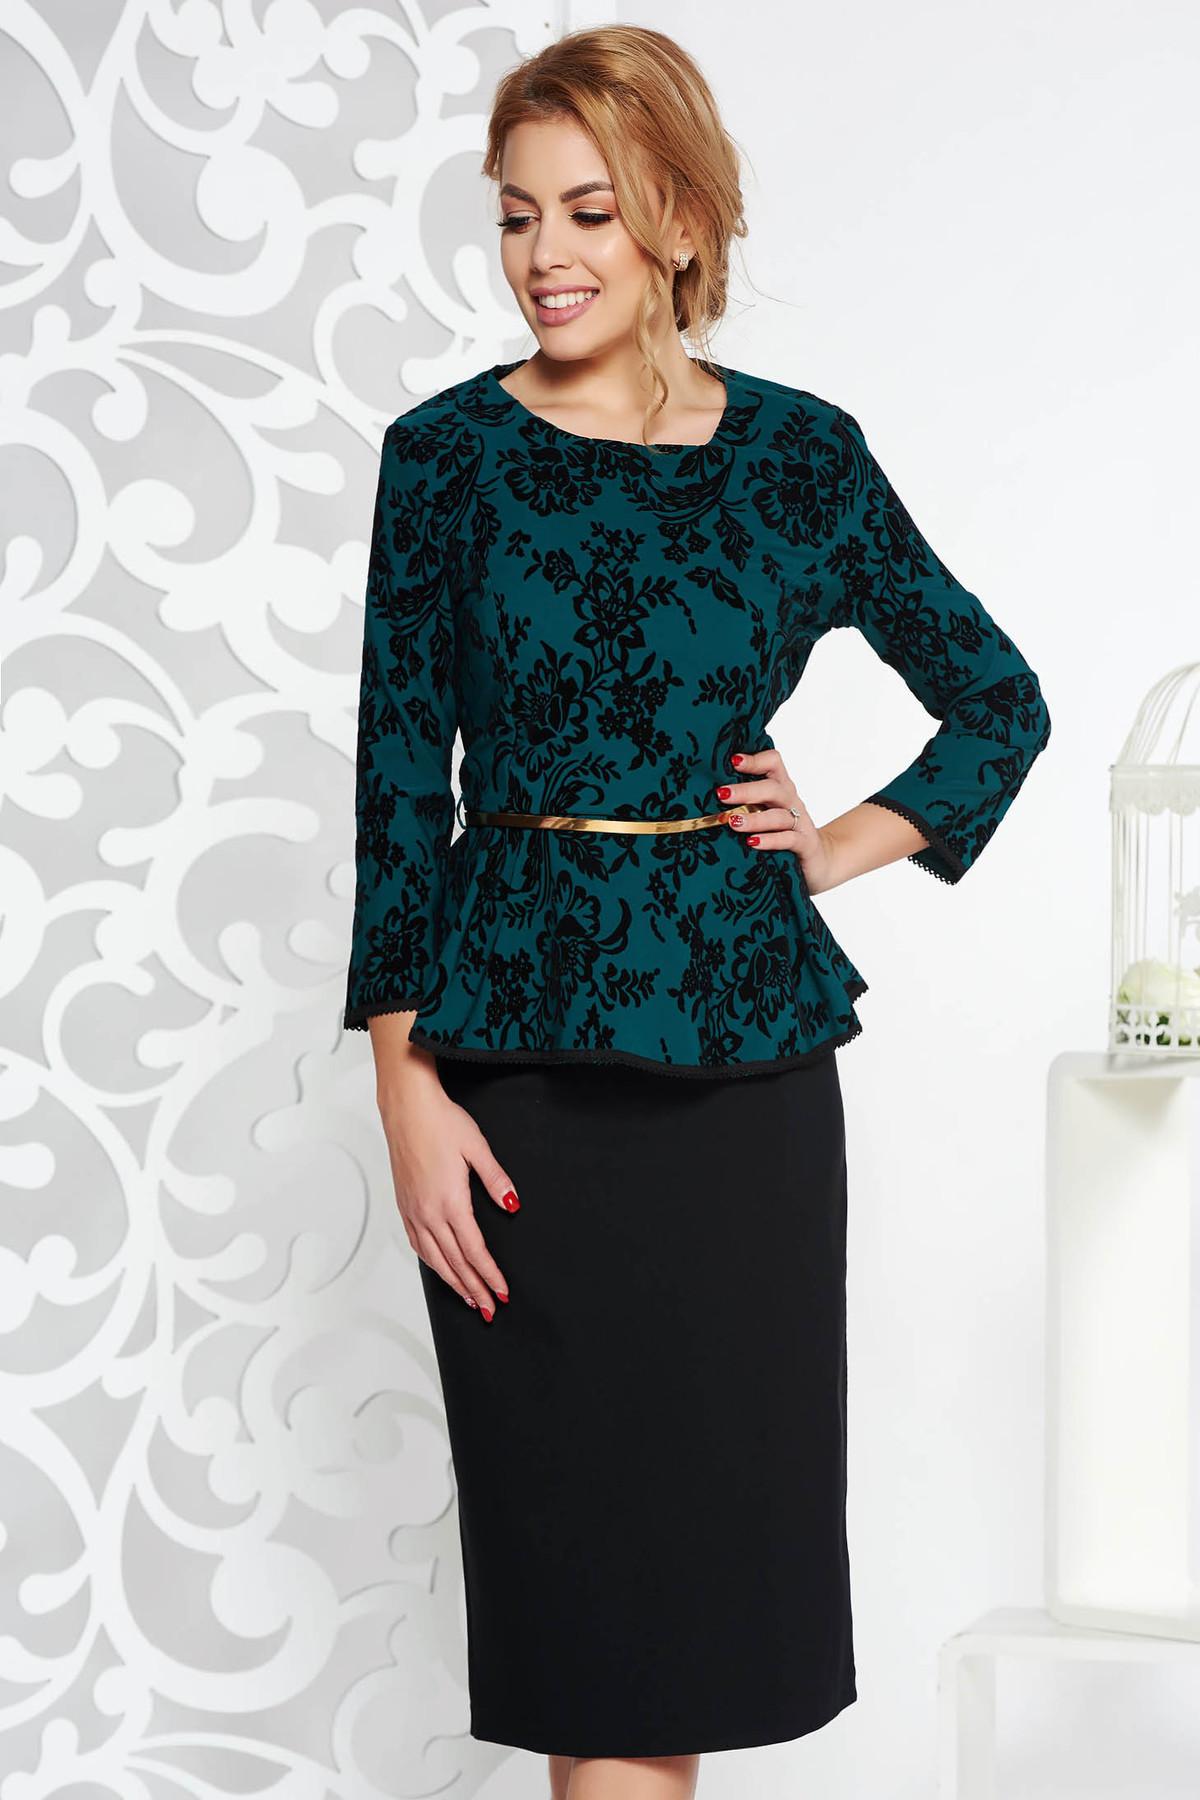 Compleu verde-inchis de ocazie din bumbac usor elastic cu fusta conica si bluza cu accesoriu tip curea